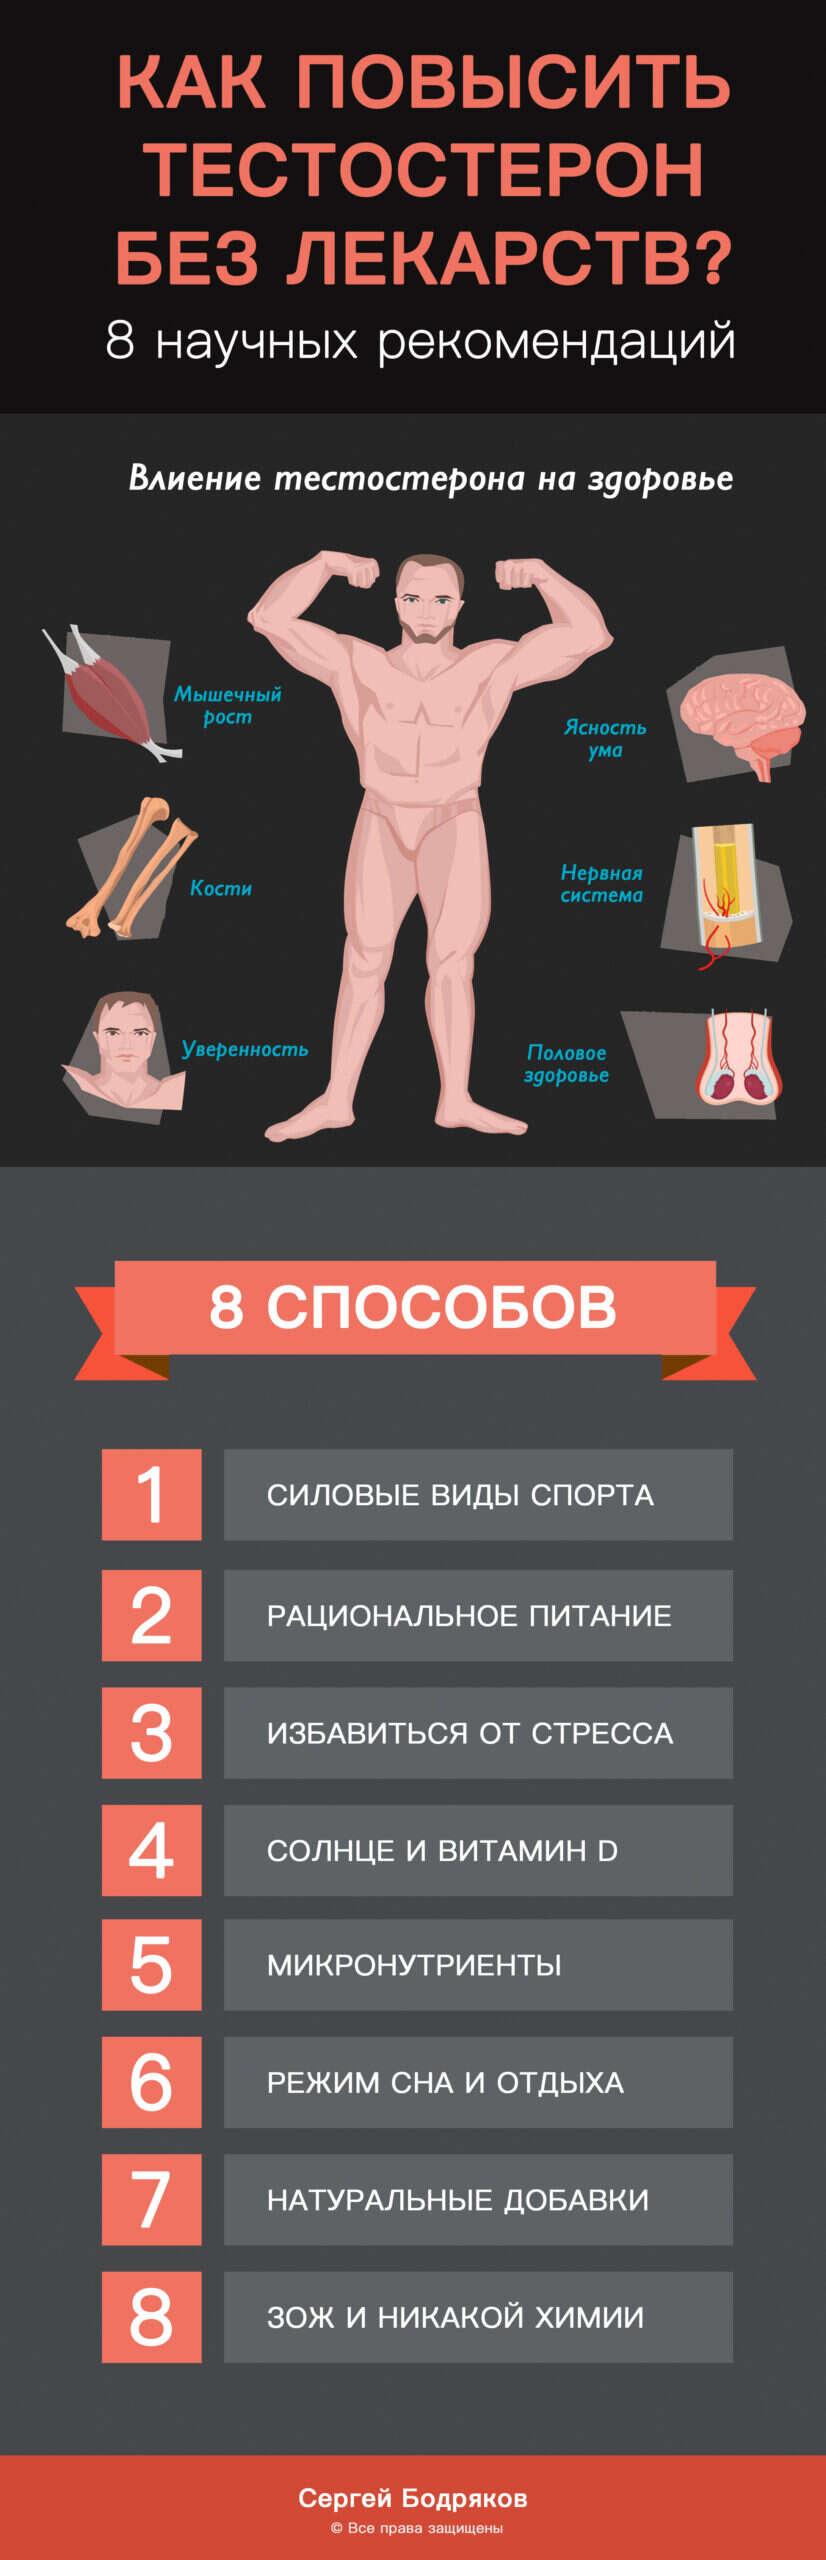 kak-povysit-testosteron-u-muzhchin